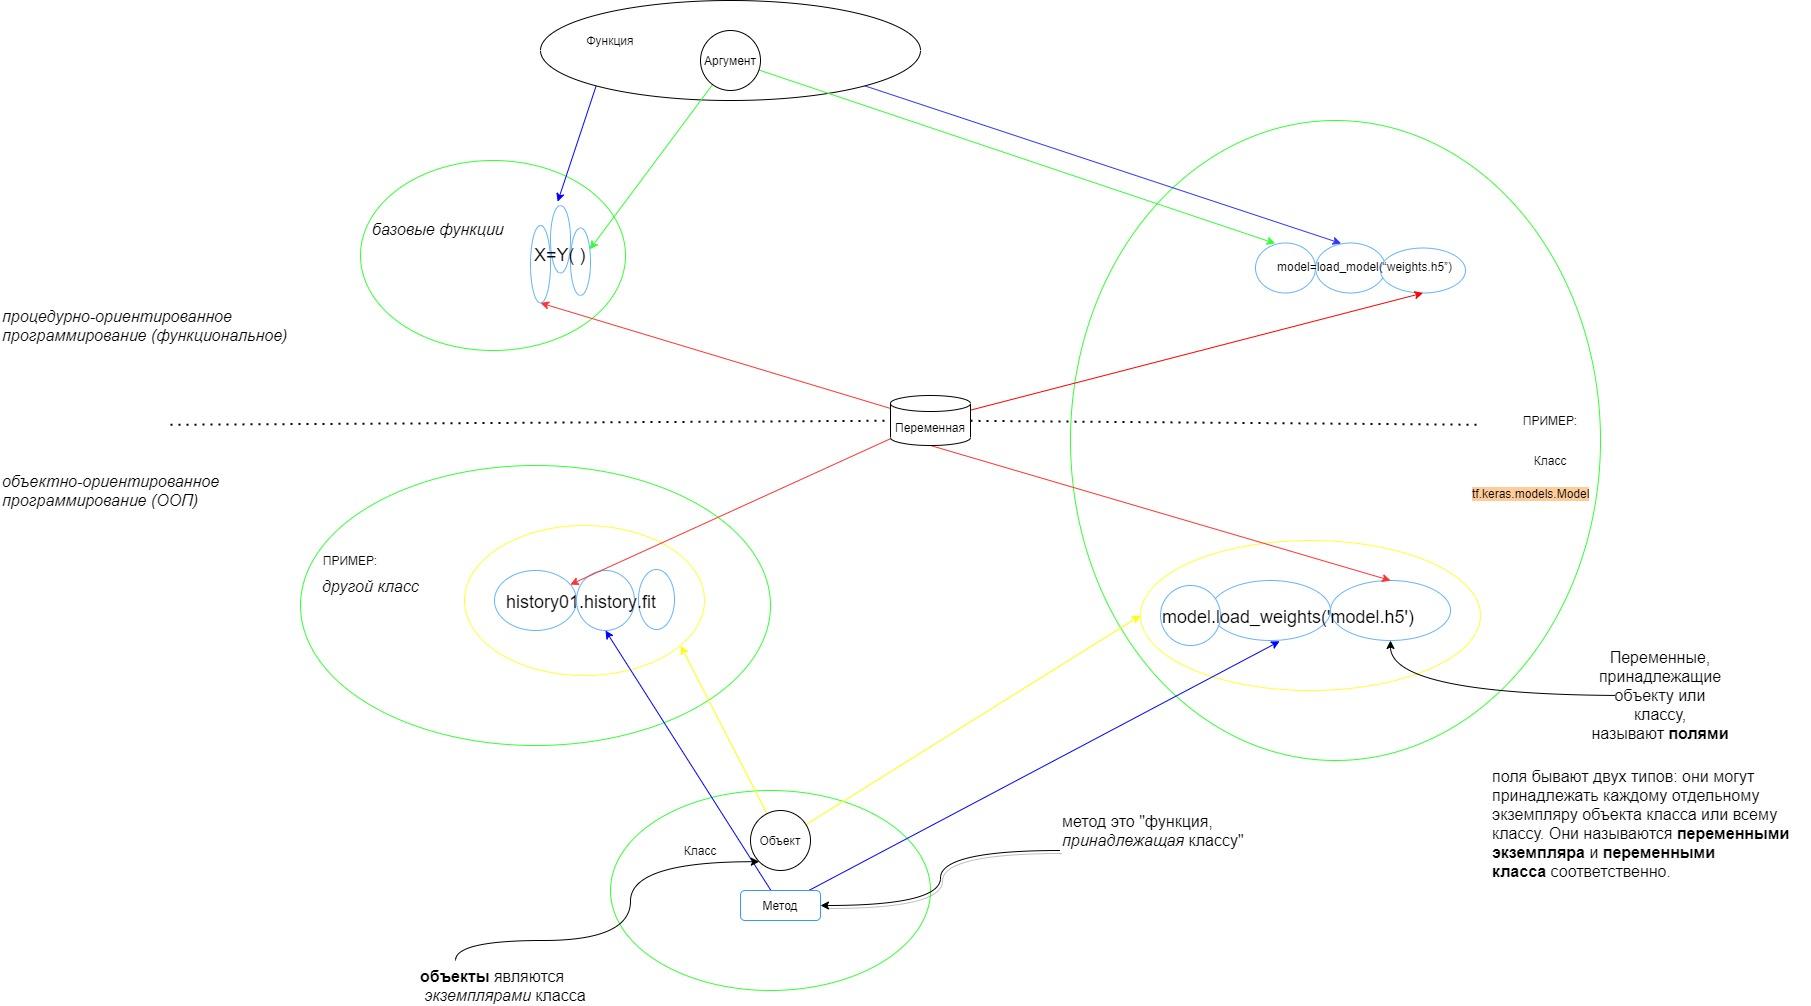 Как совместить парадигму Объектно-ориентированного программирования и Python в голове новичка?